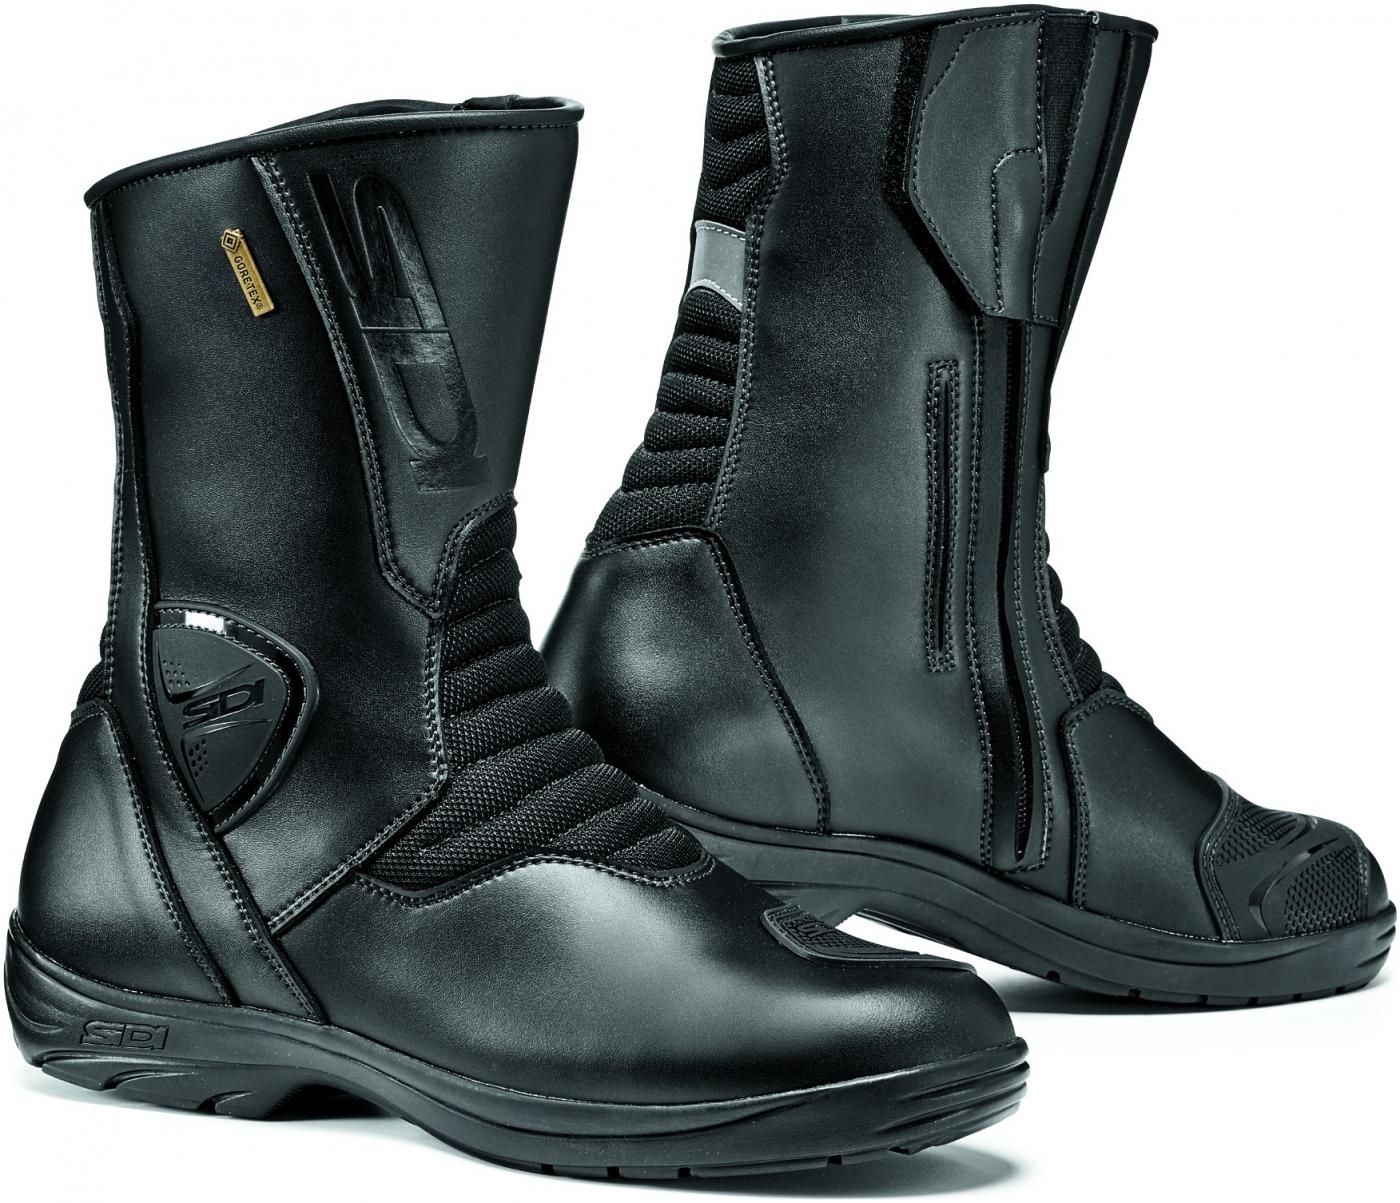 Přidat do košíku. SIDI boty GAVIA GORE black 7d351fd449